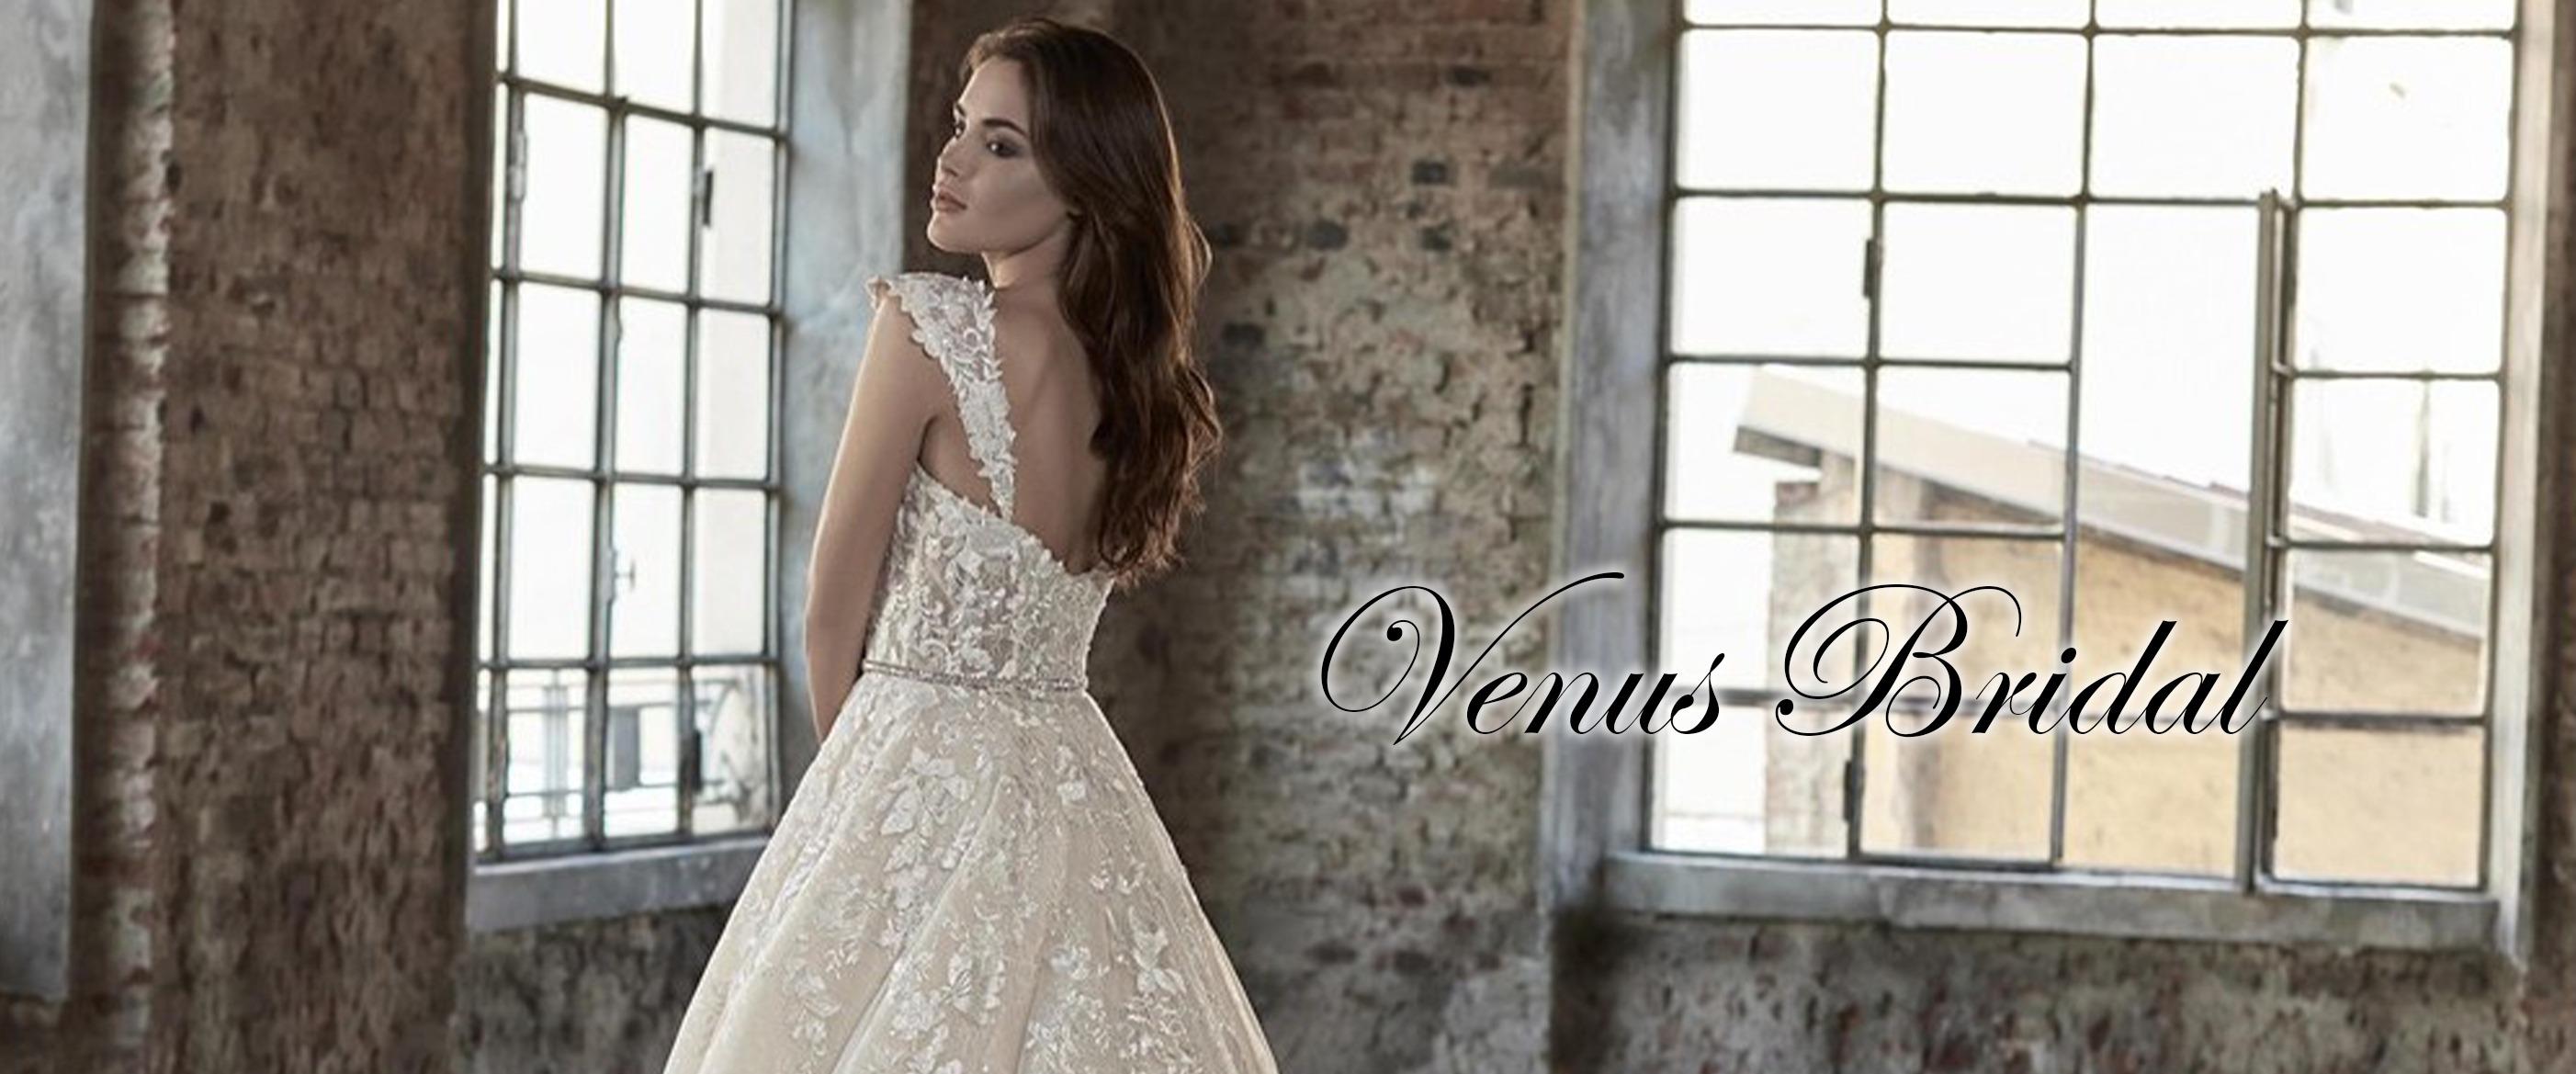 Venus Bridal logo